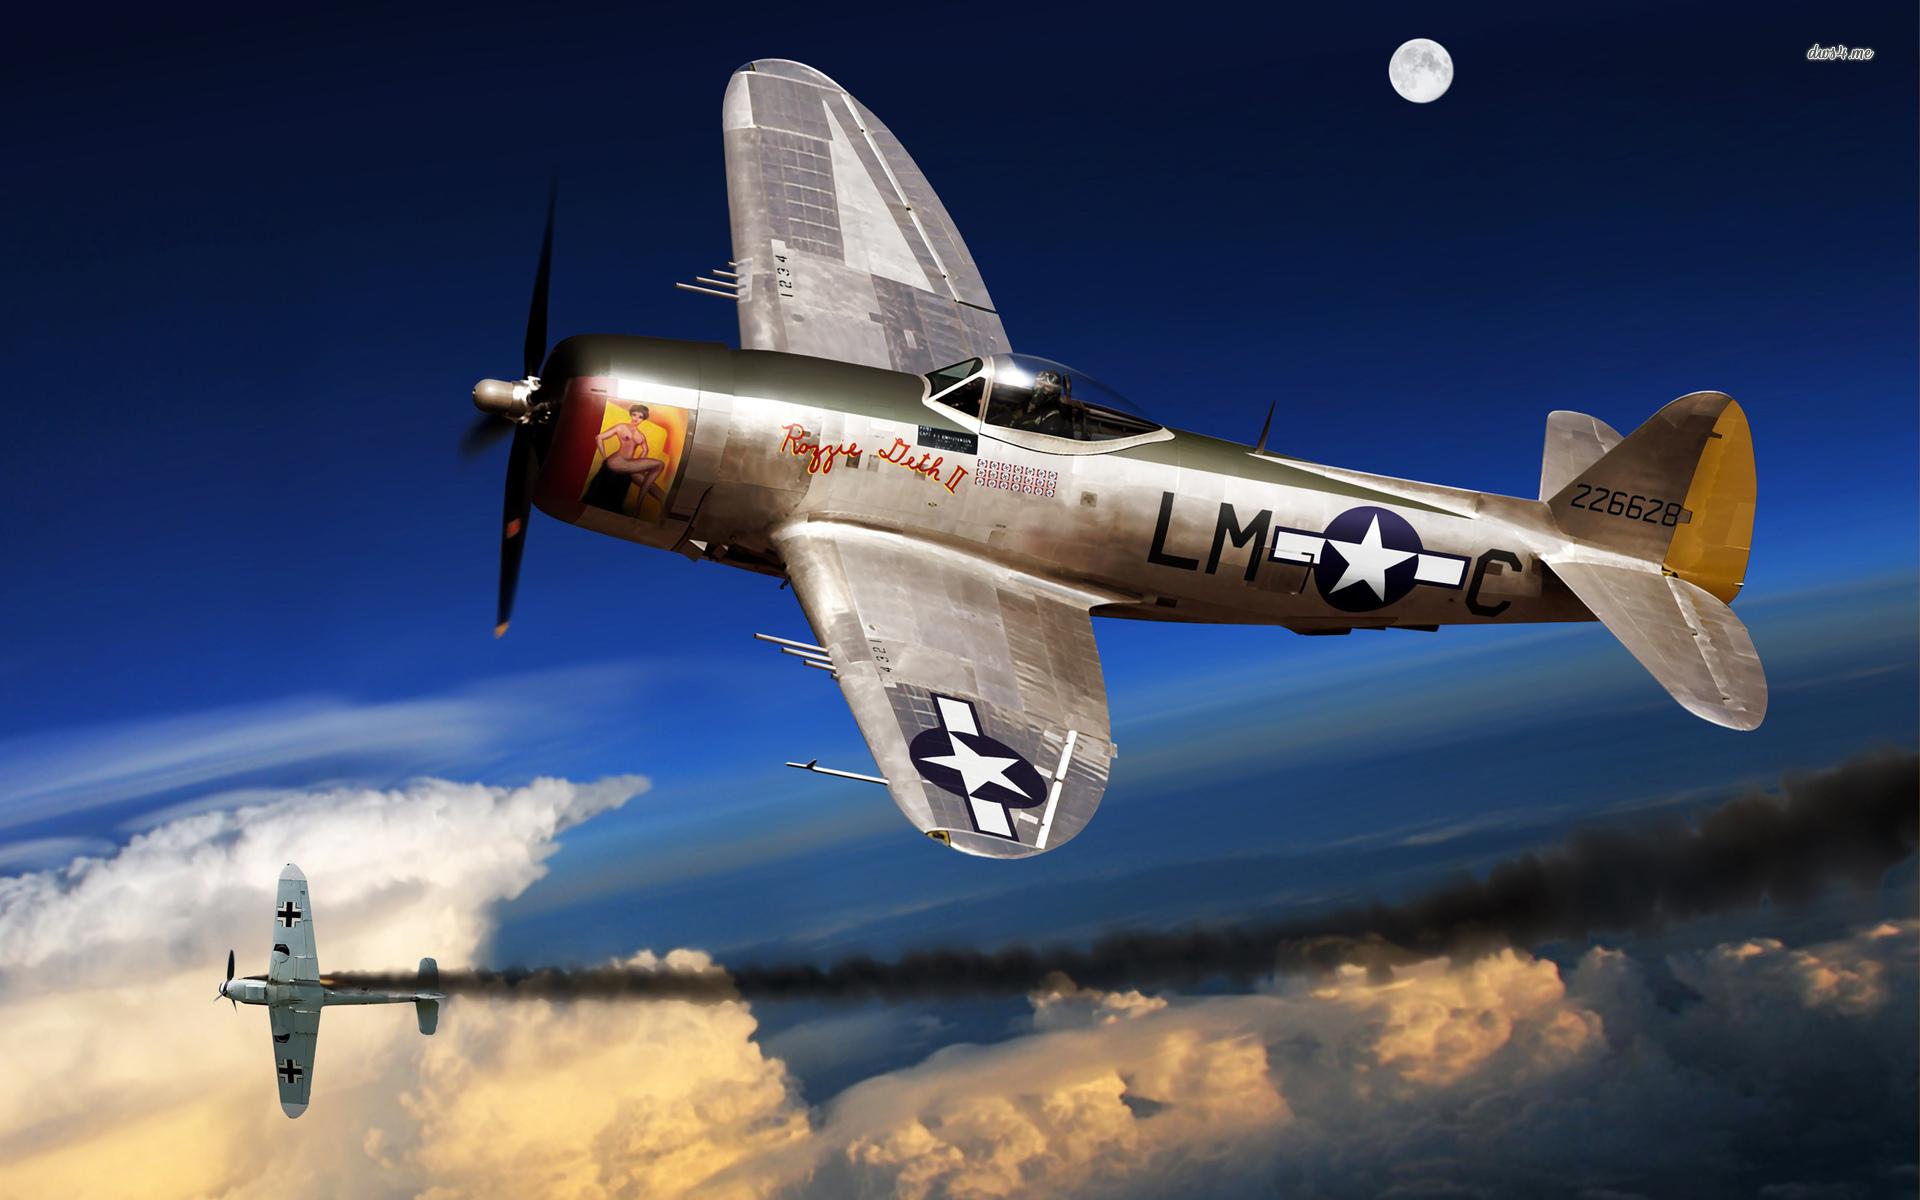 Republic P 47 Thunderbolt wallpaper   Aircraft wallpapers   41819 1920x1200